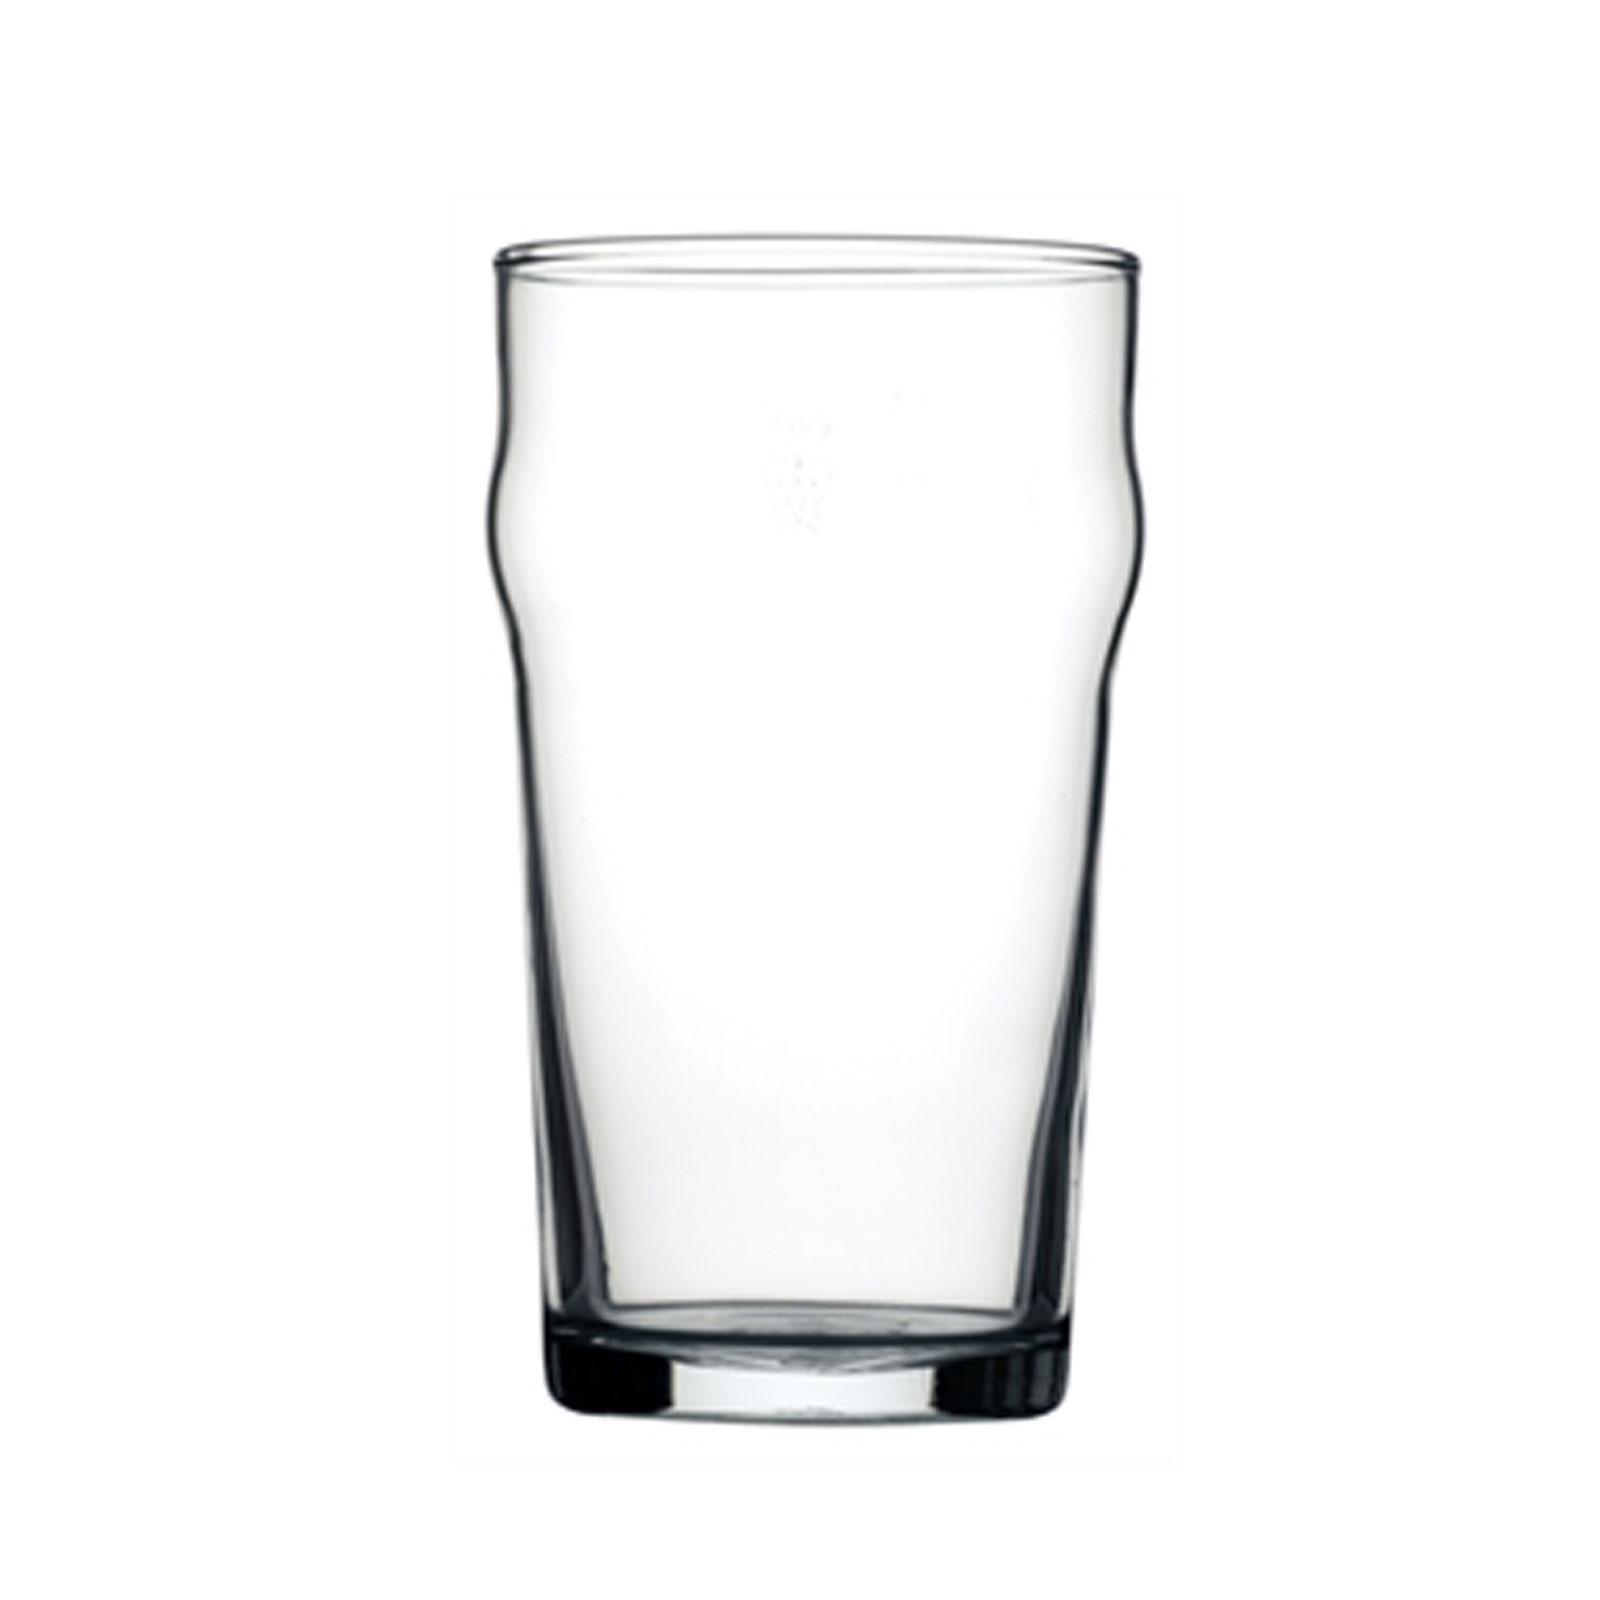 Bicchiere birra Nonic 56cl - confezione 6pz